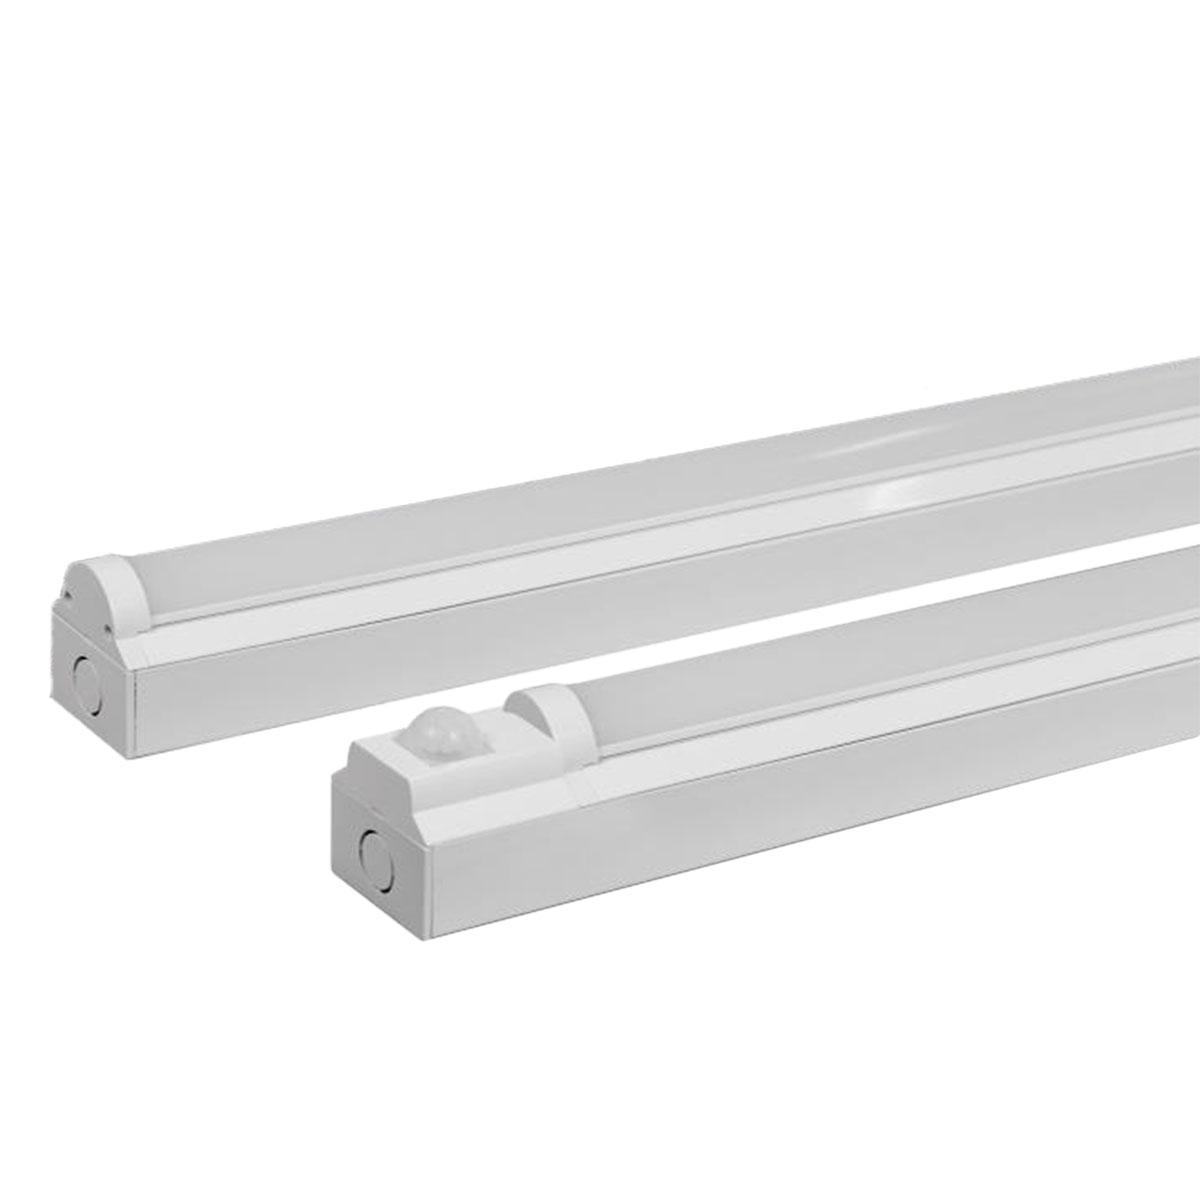 LED Lichtleiste CCT 150cm 45W 120lm/w IP20